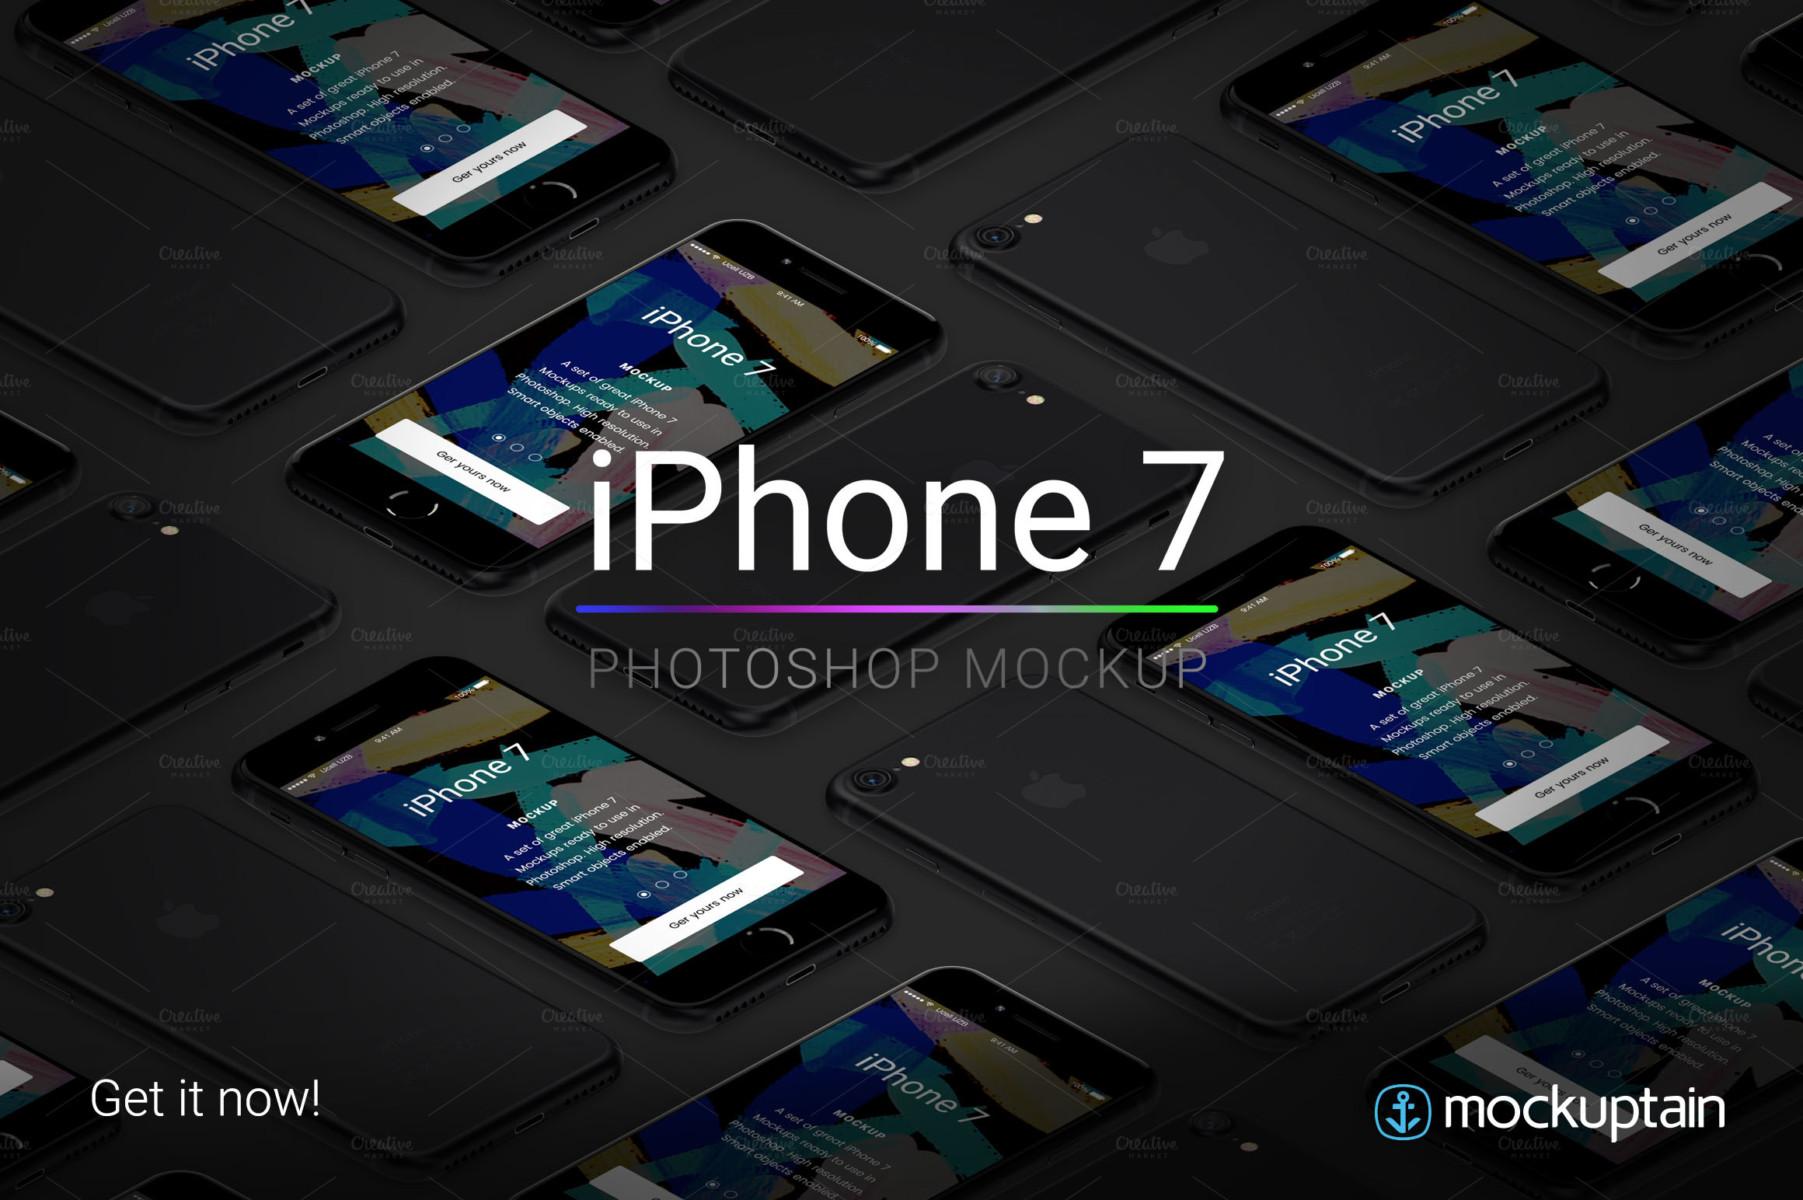 iphone-7-mockup-mockuptain-black